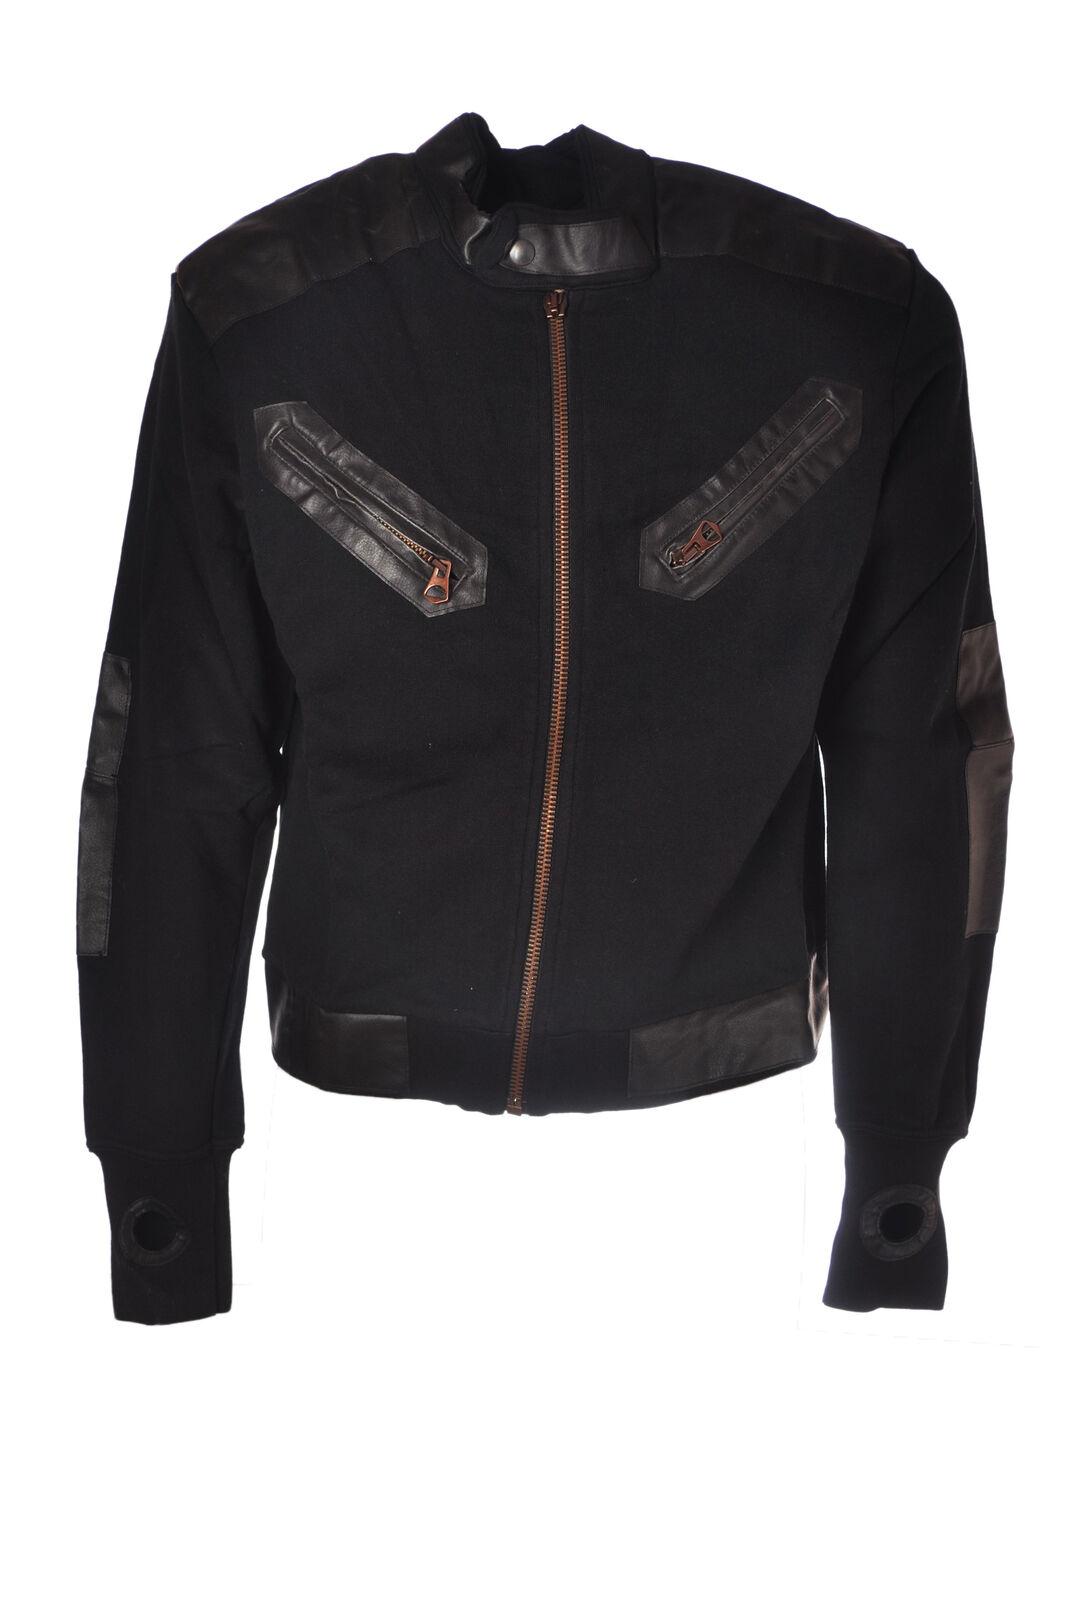 Forniture Civili  -  Sweatshirts - Männchen - Schwarz - 4545623A184818